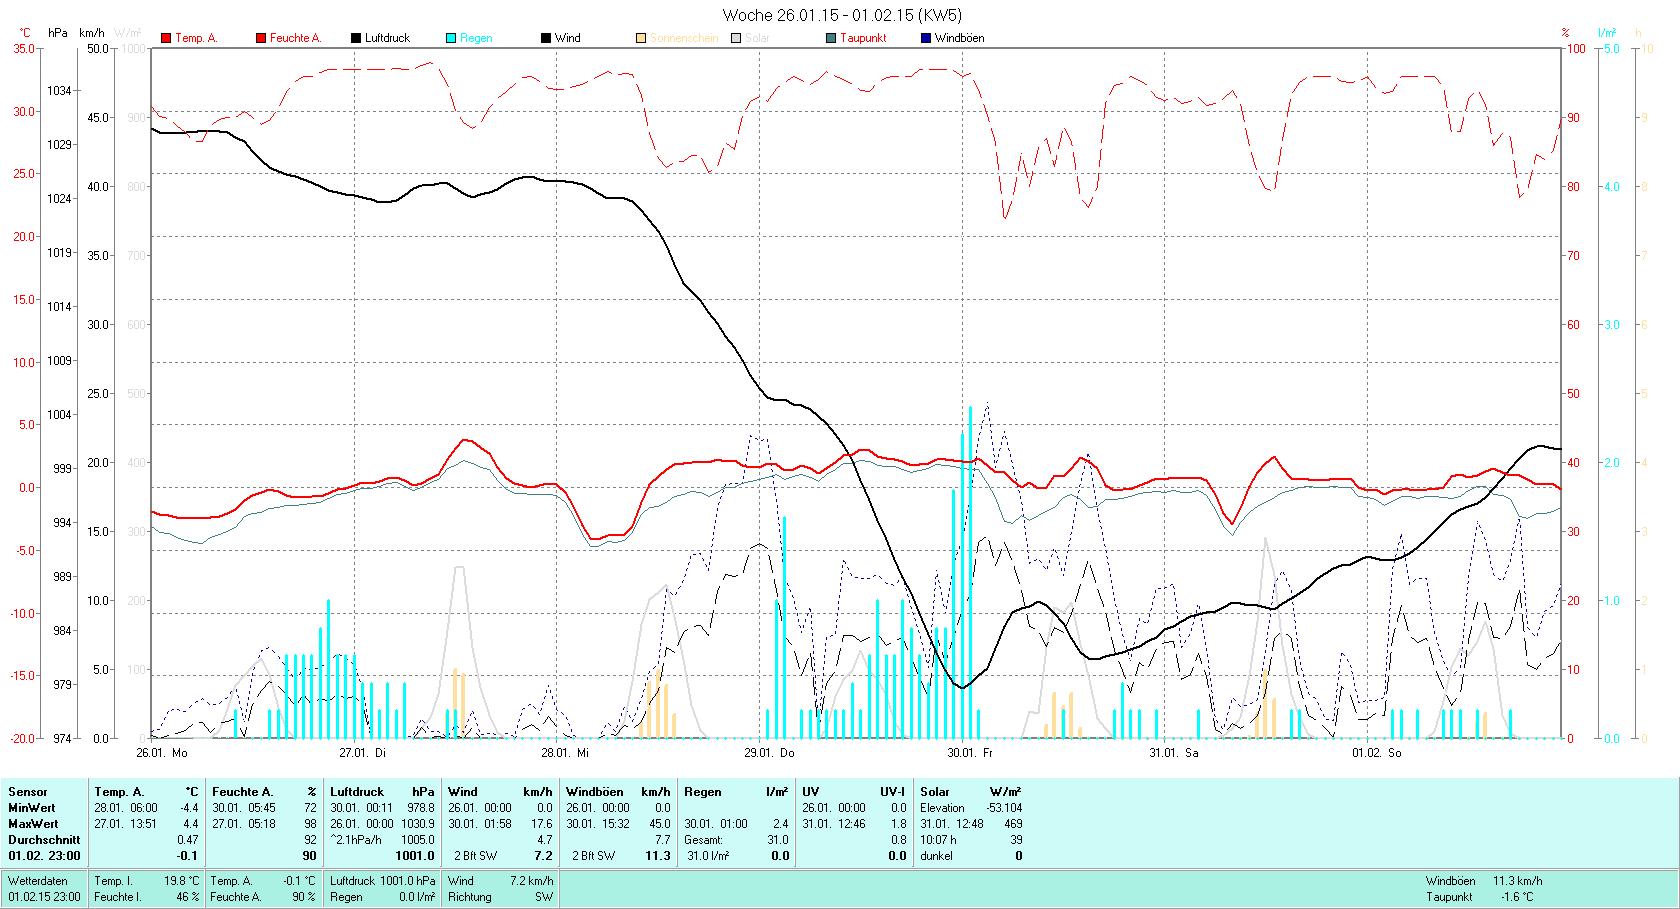 KW 05 Tmin -4.4°C, Tmax 4.4°C, Sonne 10:07h, Niederschlag 31.0mm/2